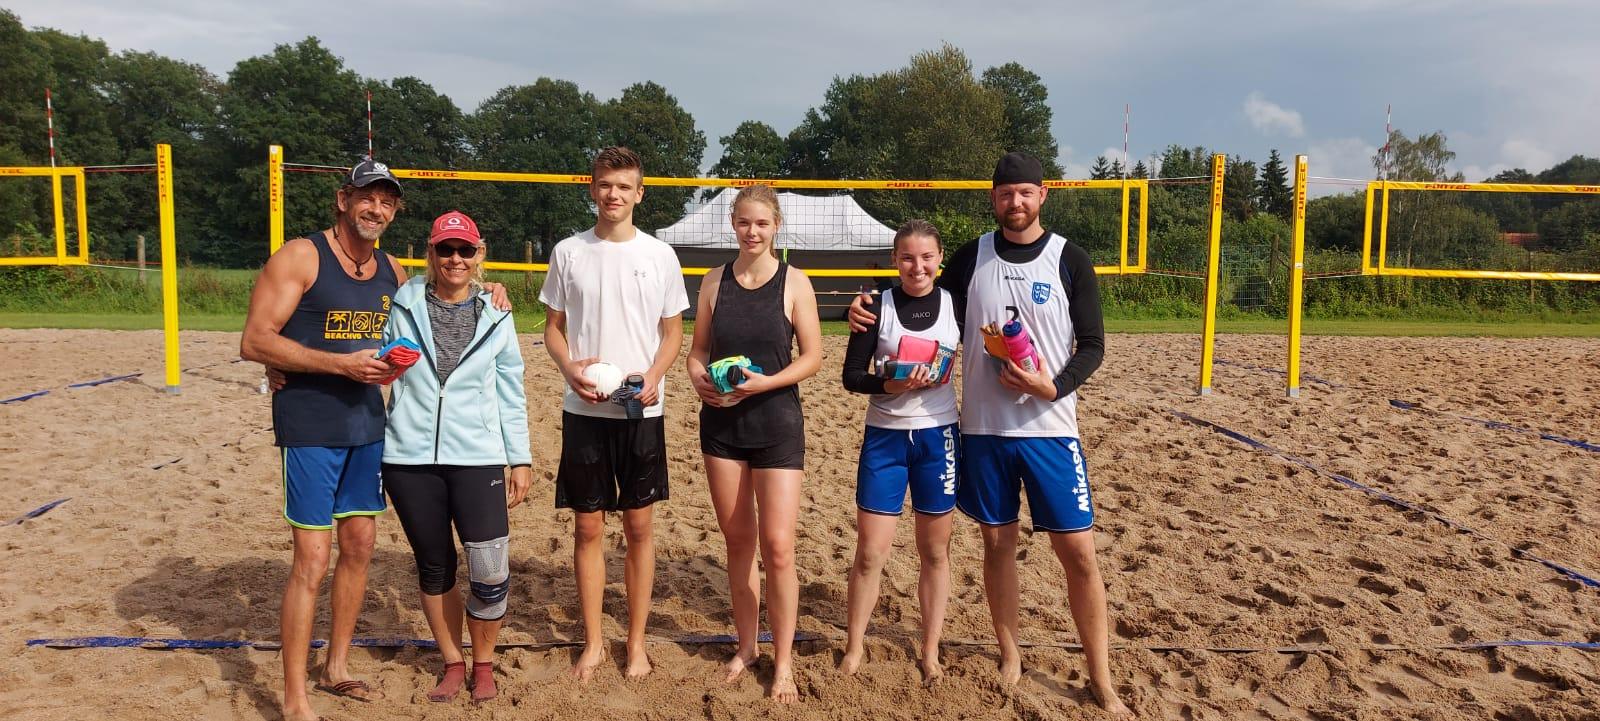 Ehrung der Turniersieger: 1. Marion Steinriede/ Emil Steinriede, 2. Julia Wissing/ Nico Niehaves,  3. Andreas Müller-Bothmann/ Annette Schön